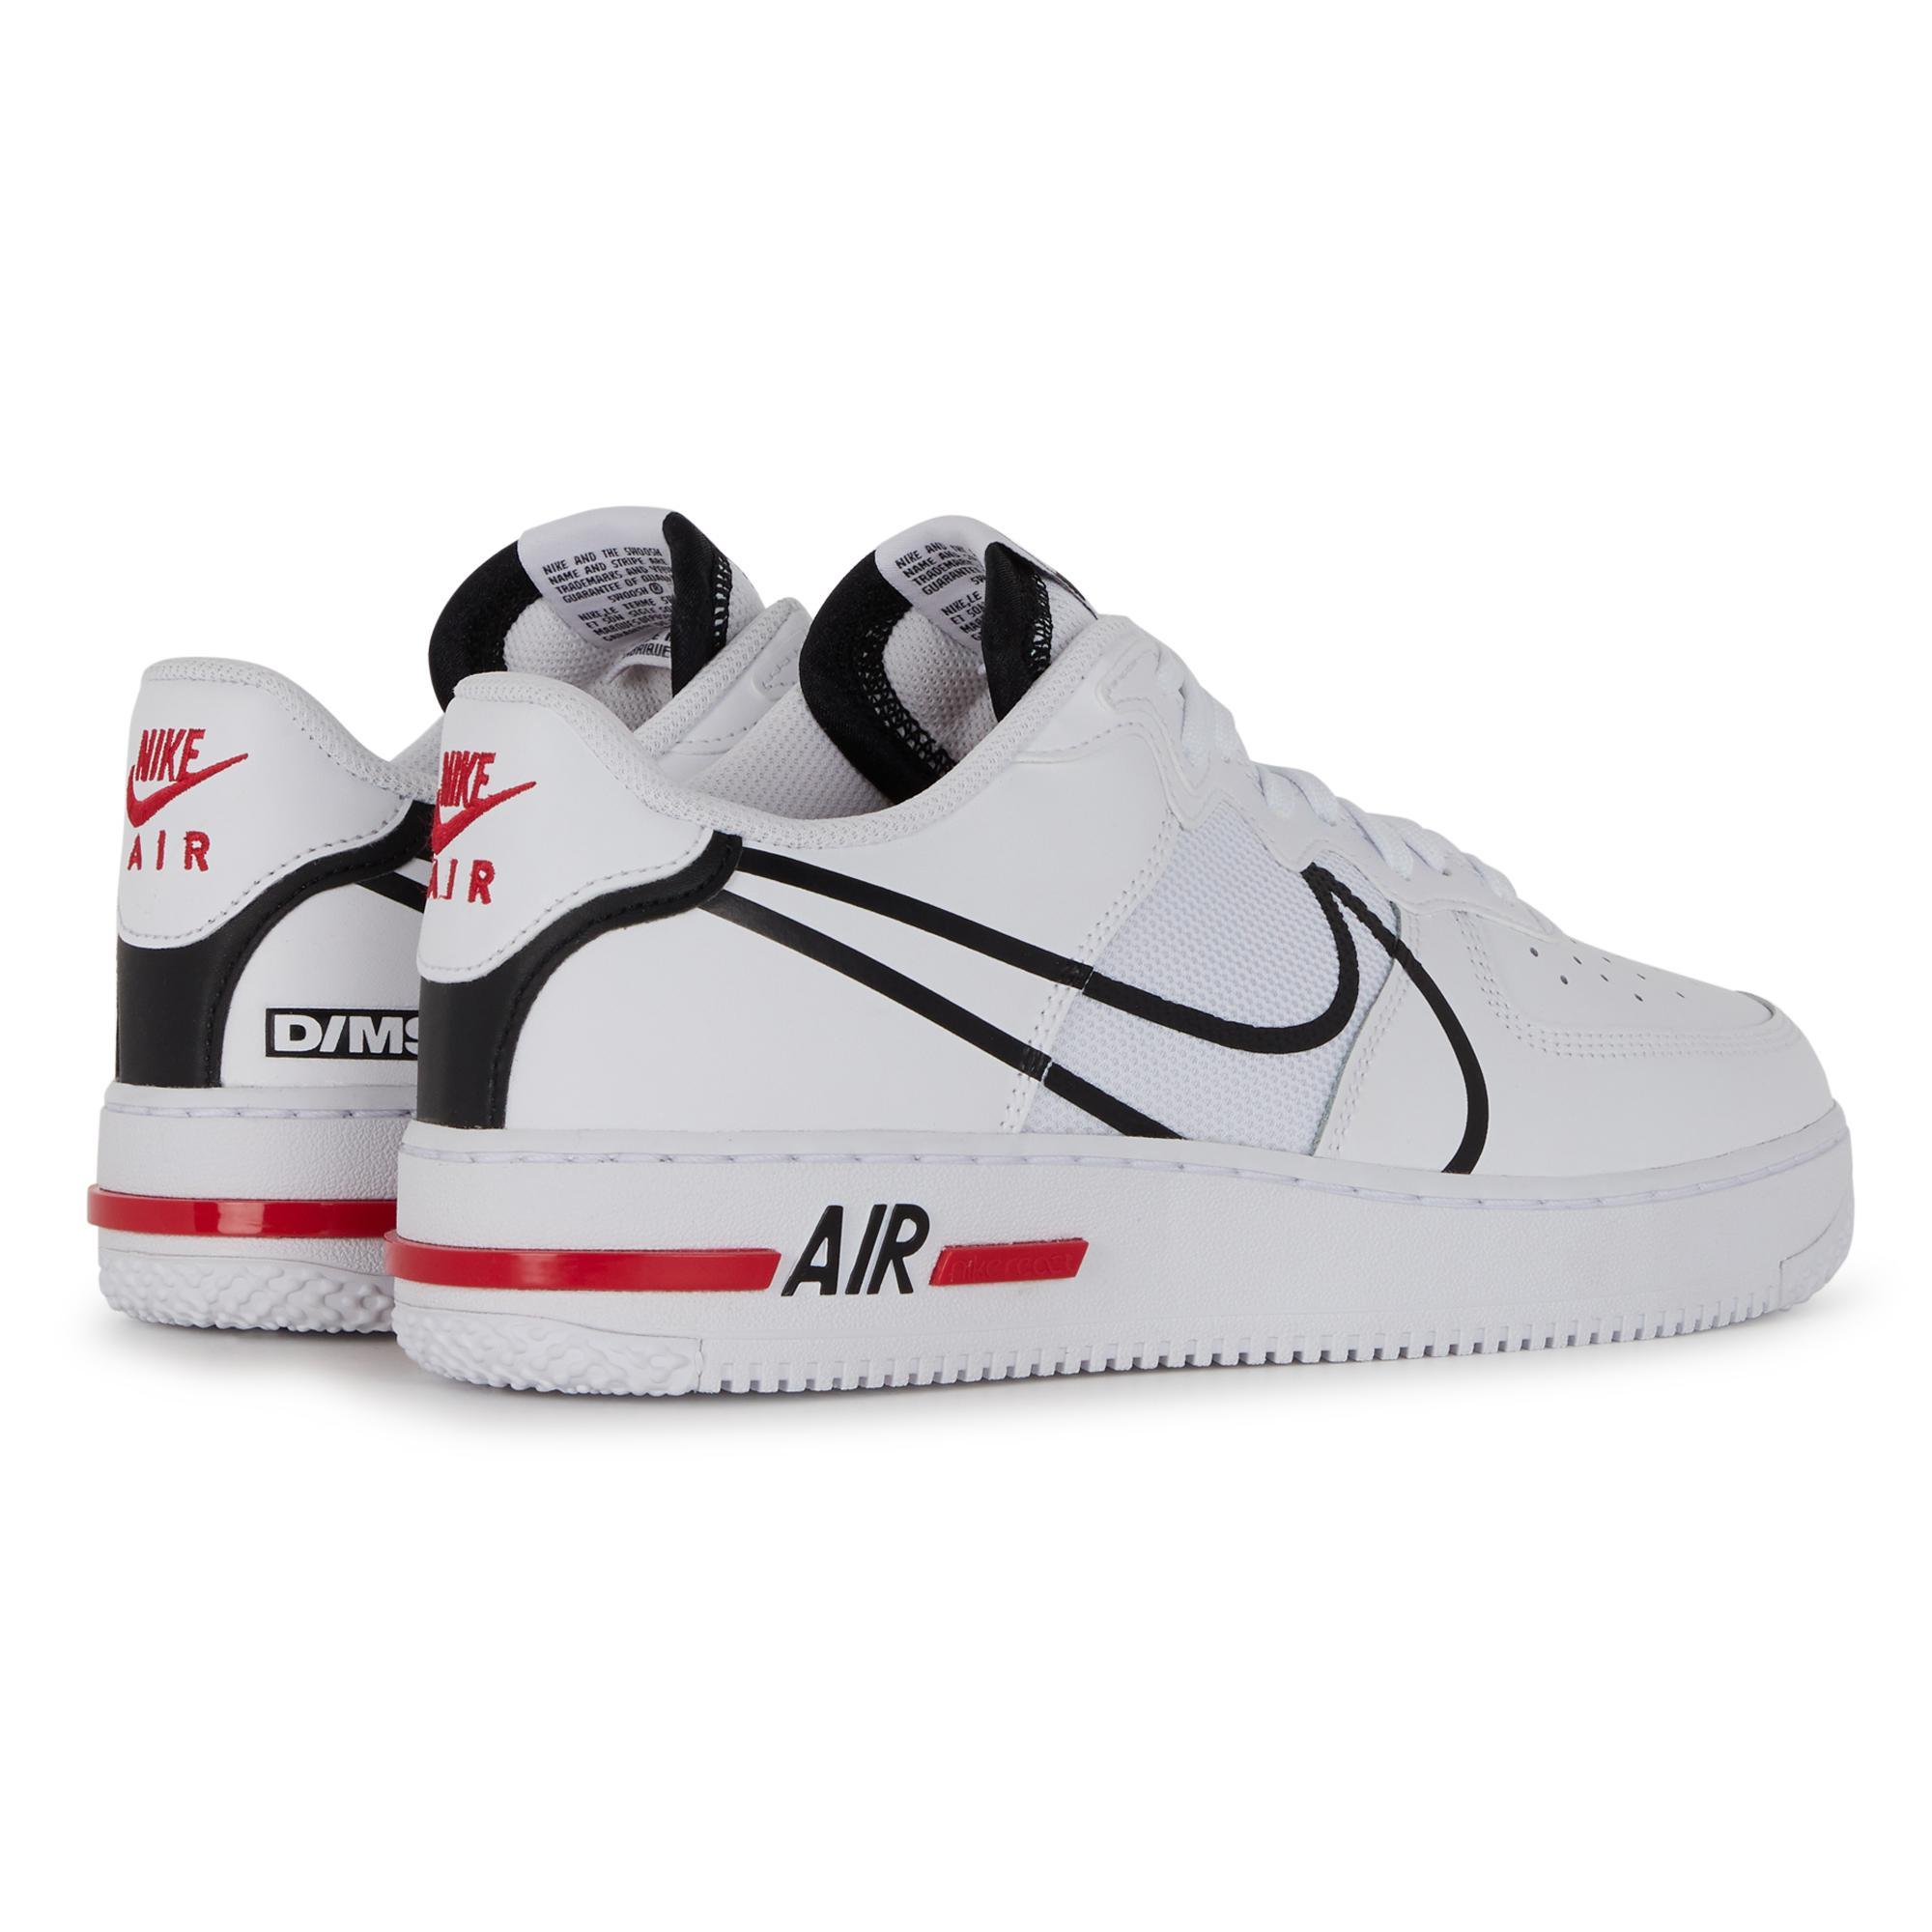 Air force 1 low react Nike pour homme en coloris Blanc - Lyst